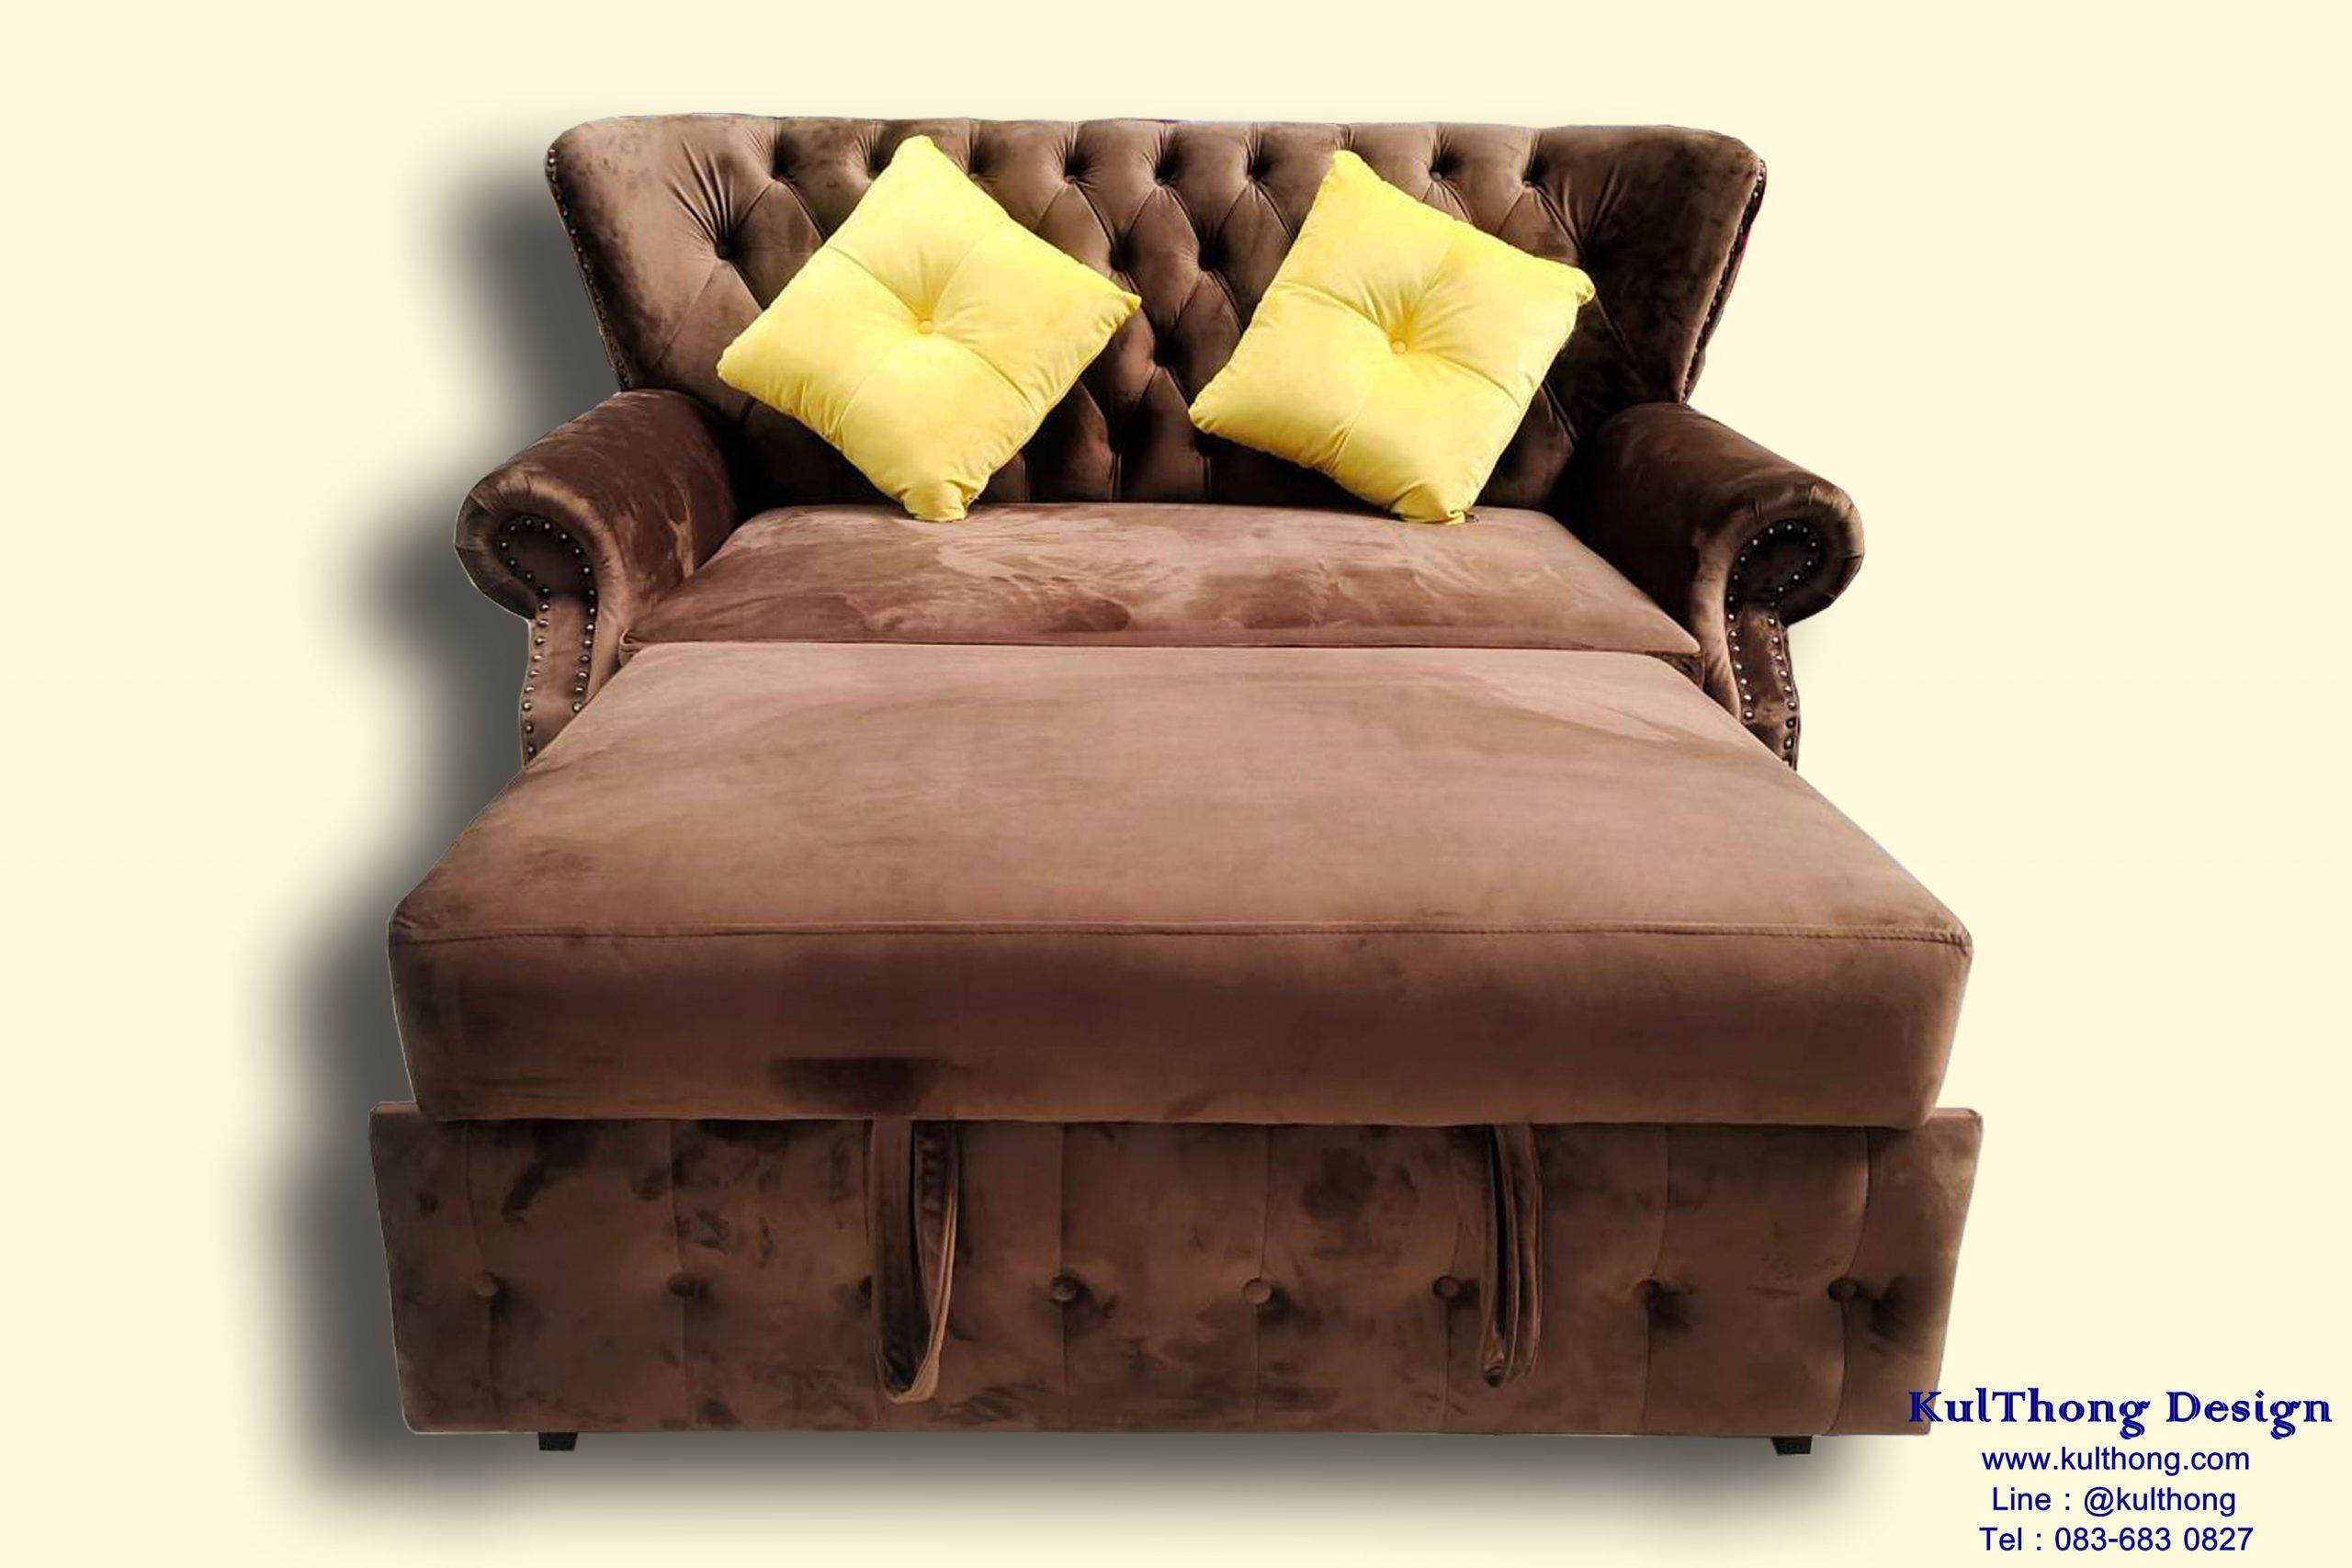 โซฟาลากนอน โซฟาเปิดนอน โซฟาเบดผ้า